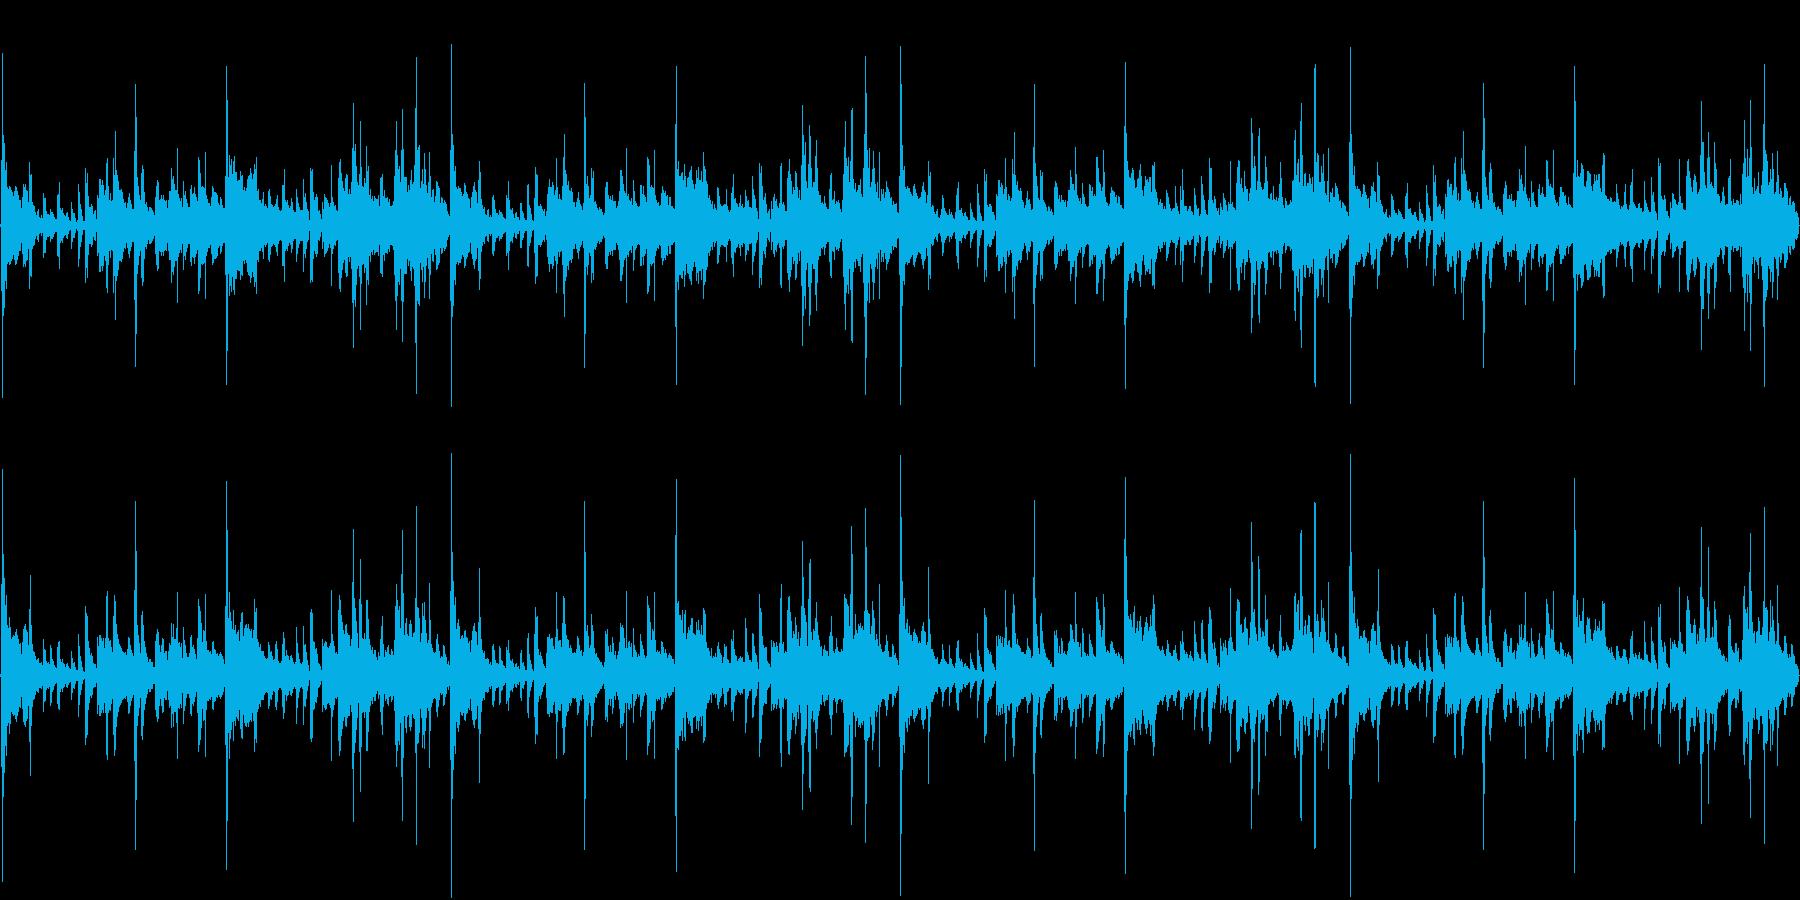 114bpm、Ab-Maj、アラブ調の再生済みの波形